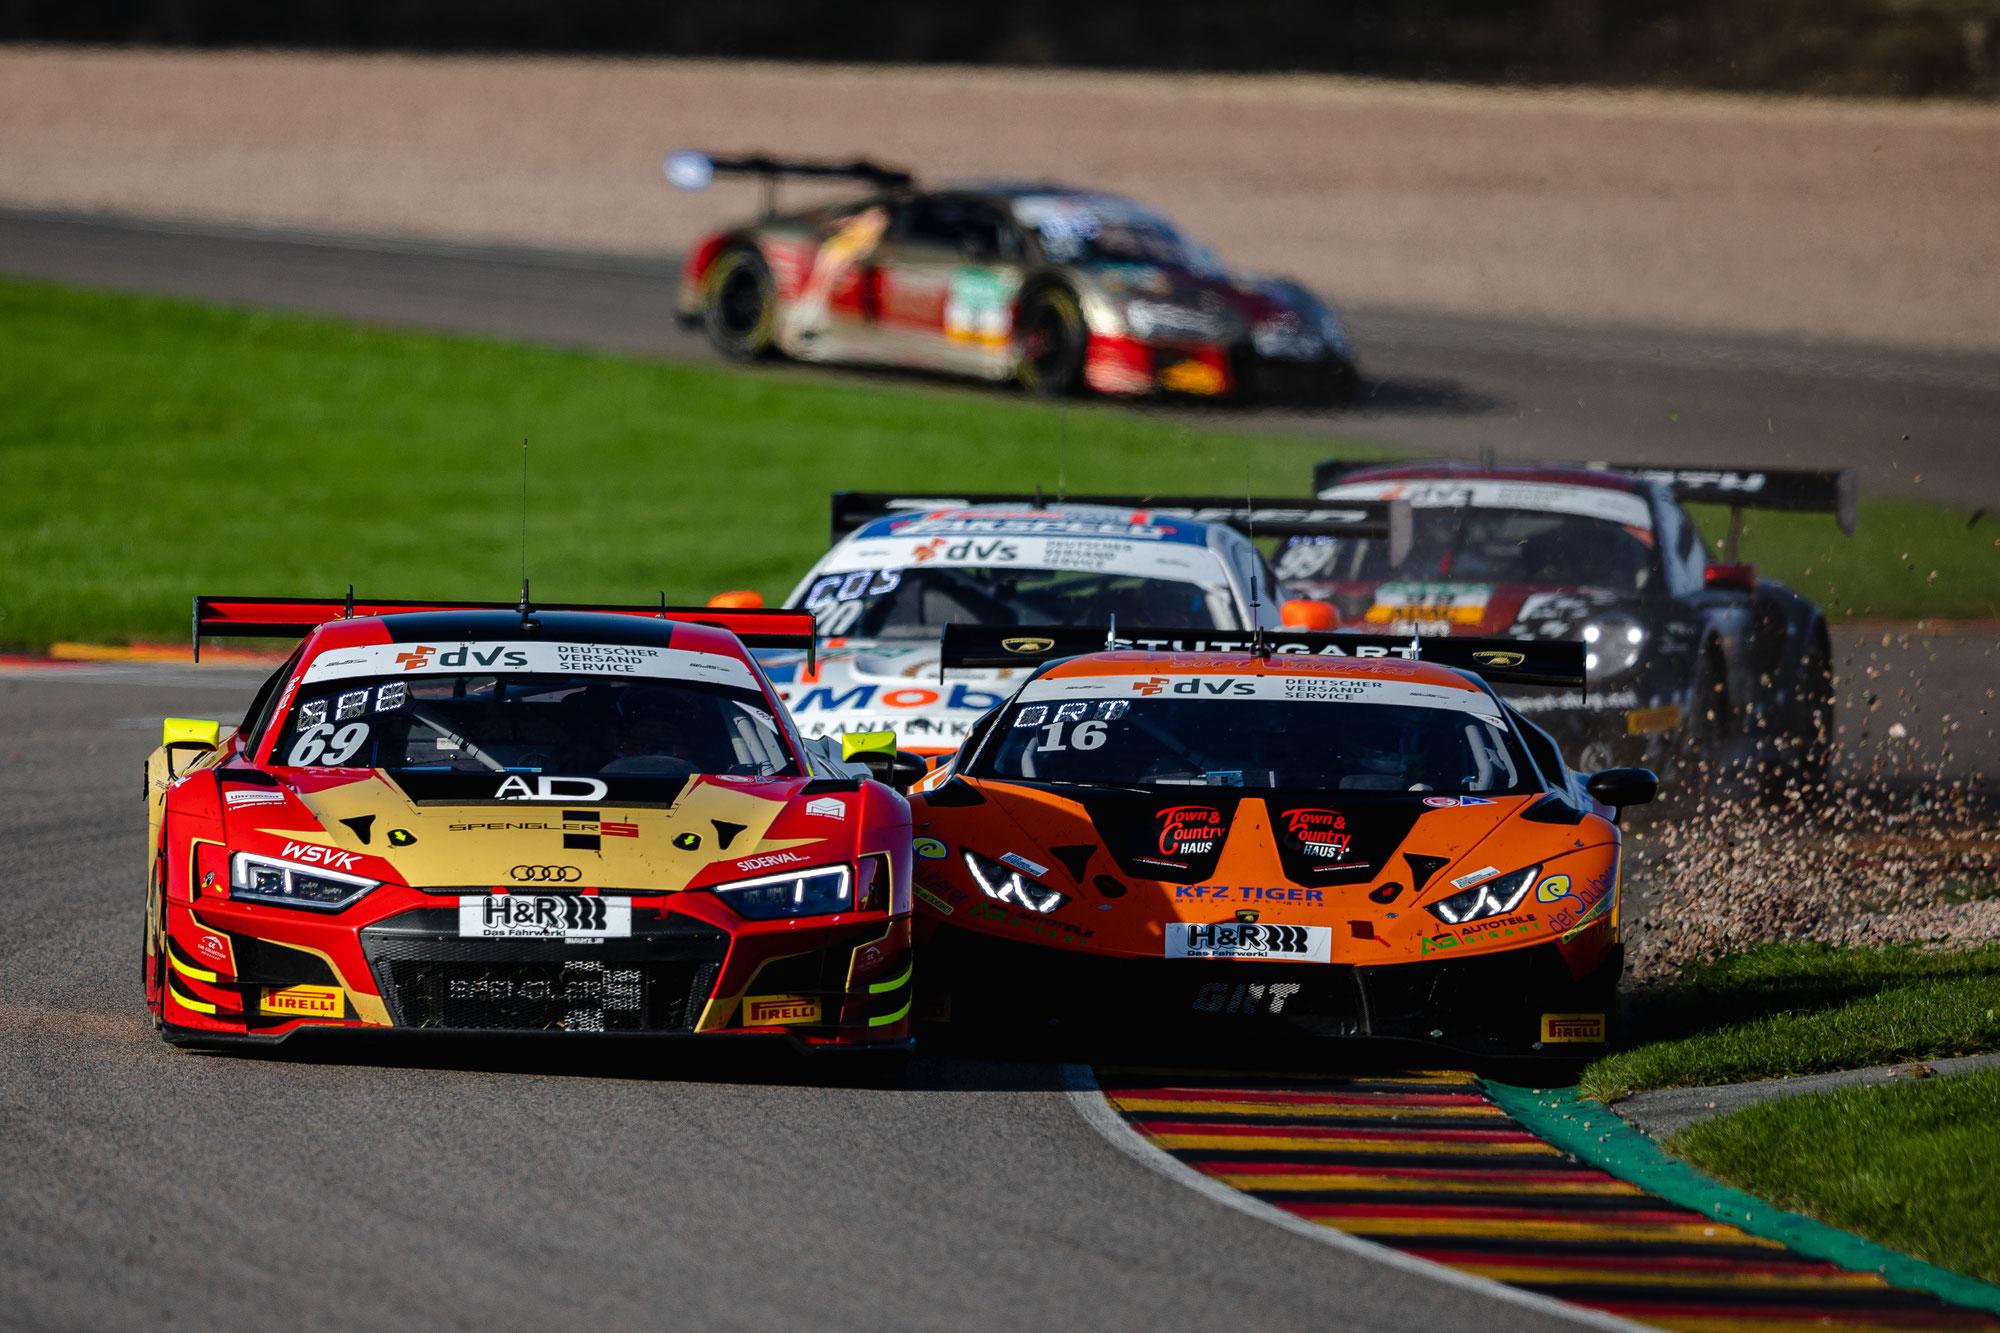 Hockenheimspiel: Starke Lokalmatadore wollen den Sieg in der Deutschen GT-Meisterschaft